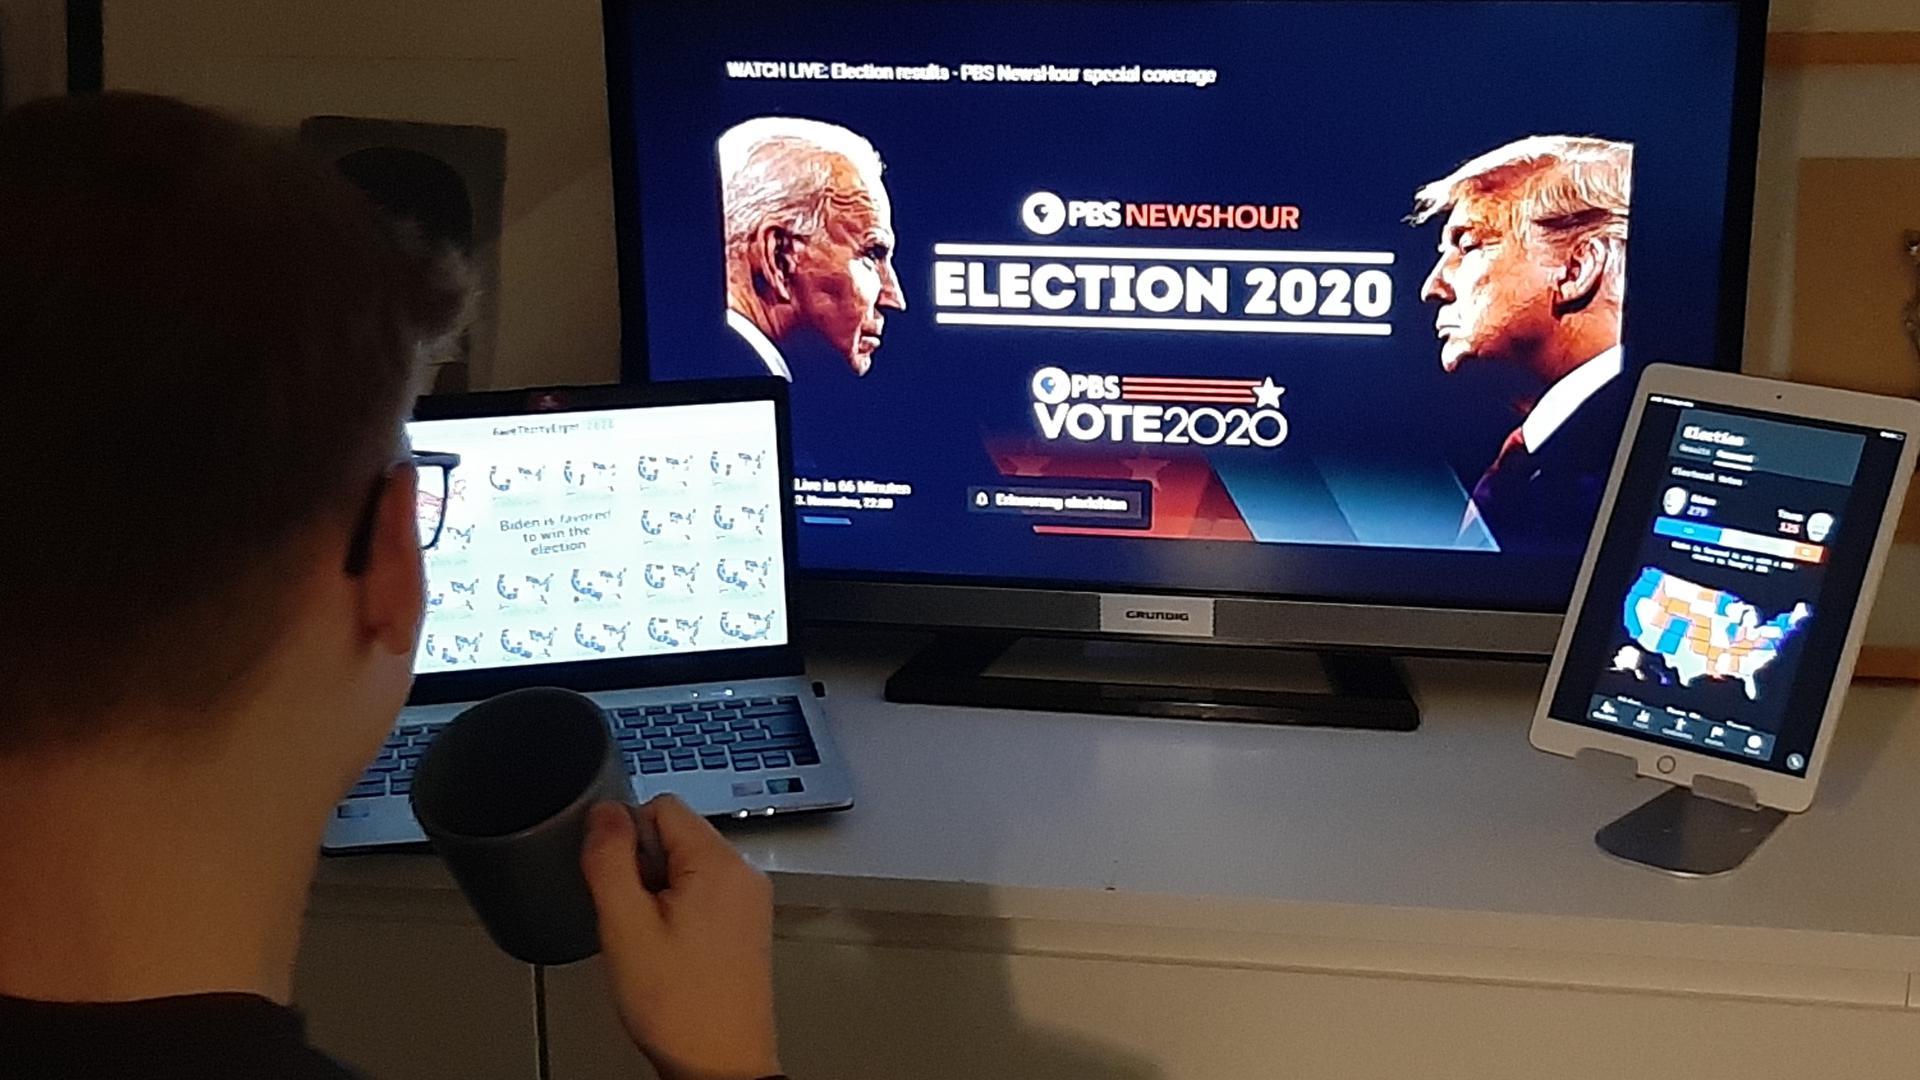 Spannende Wahlnacht: Mt sehr viel Kaffee und sehr viel Information auf unzähligen Kanälen haben viele Menschen in der Region, vor allem Amerikaner, die Wahlnacht verfolgt.